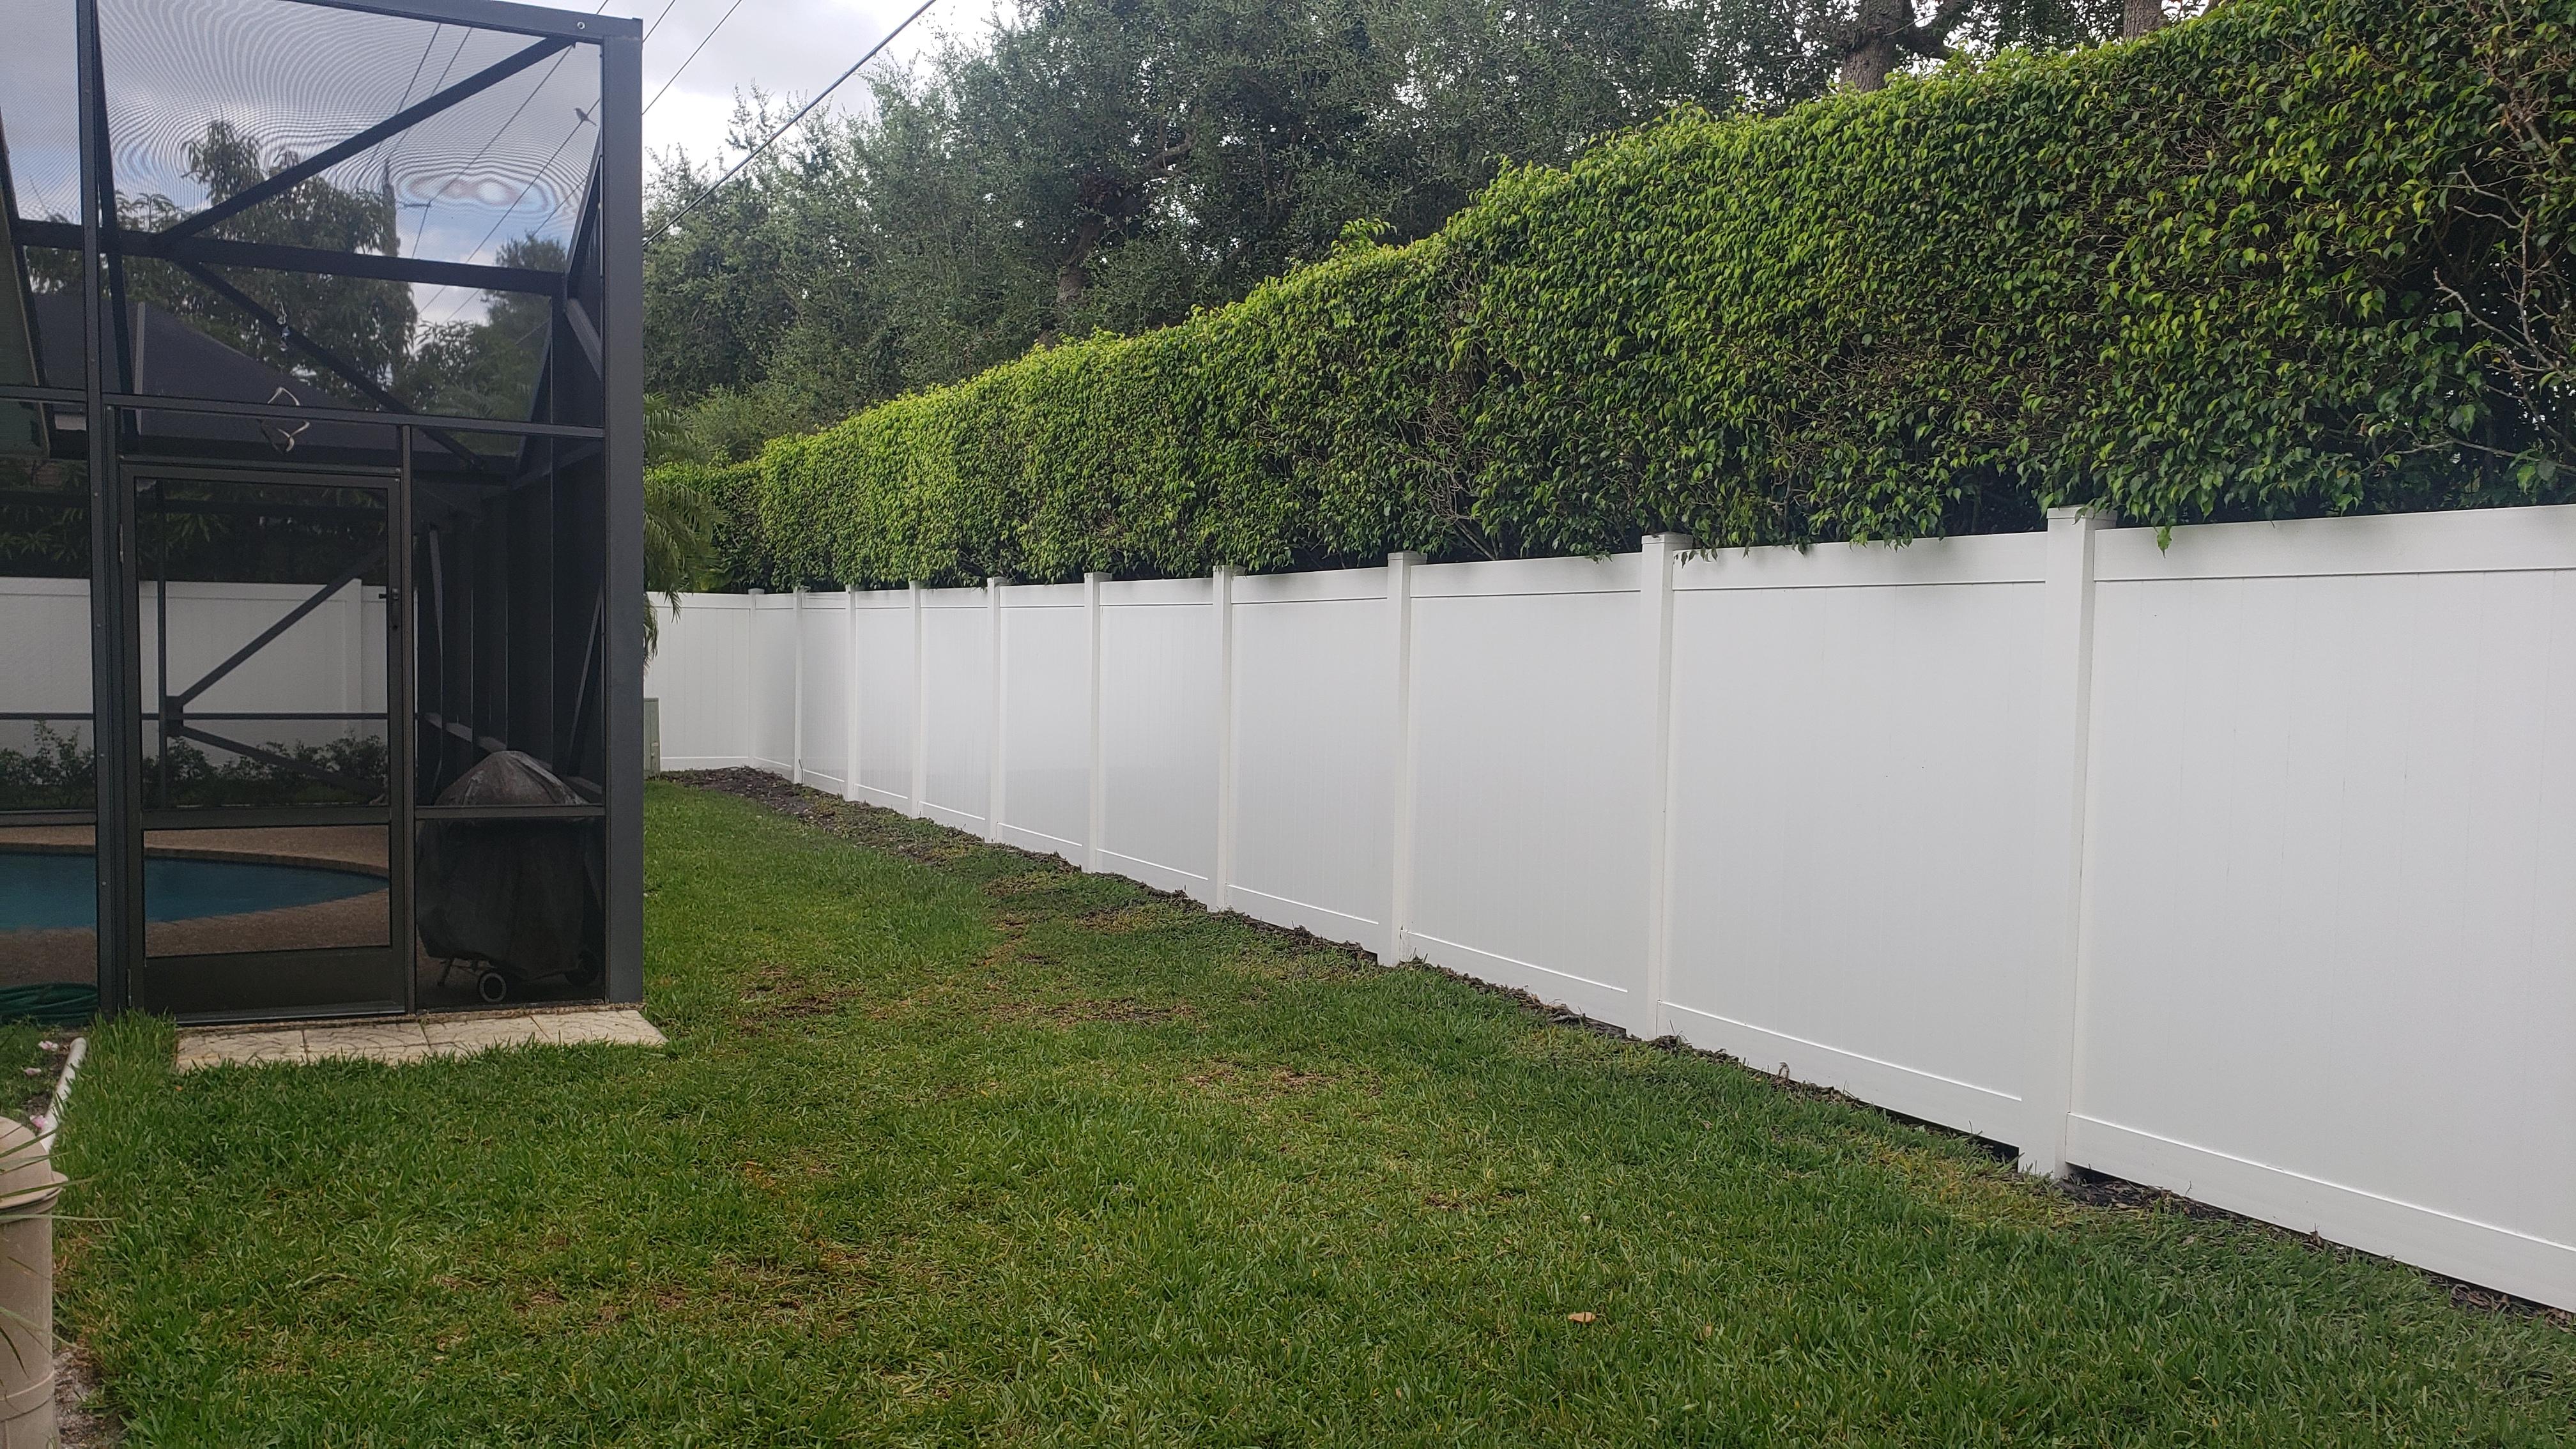 amarillo fencing companies